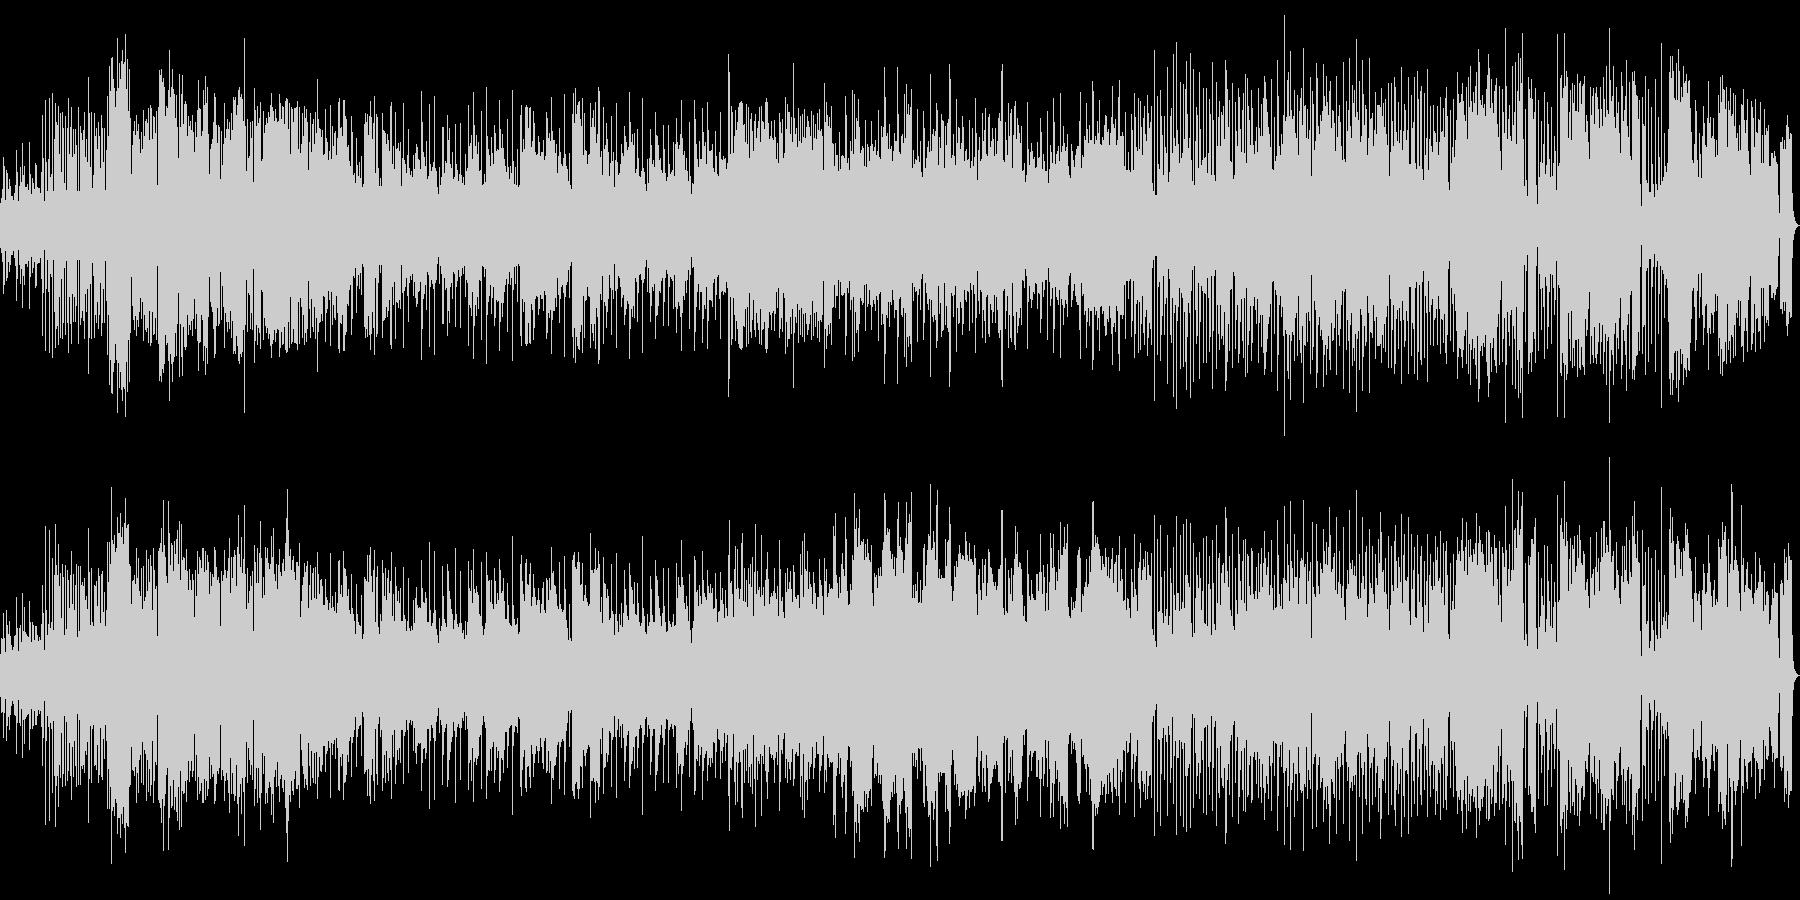 エレピと弦楽器のジャズ風インストの未再生の波形